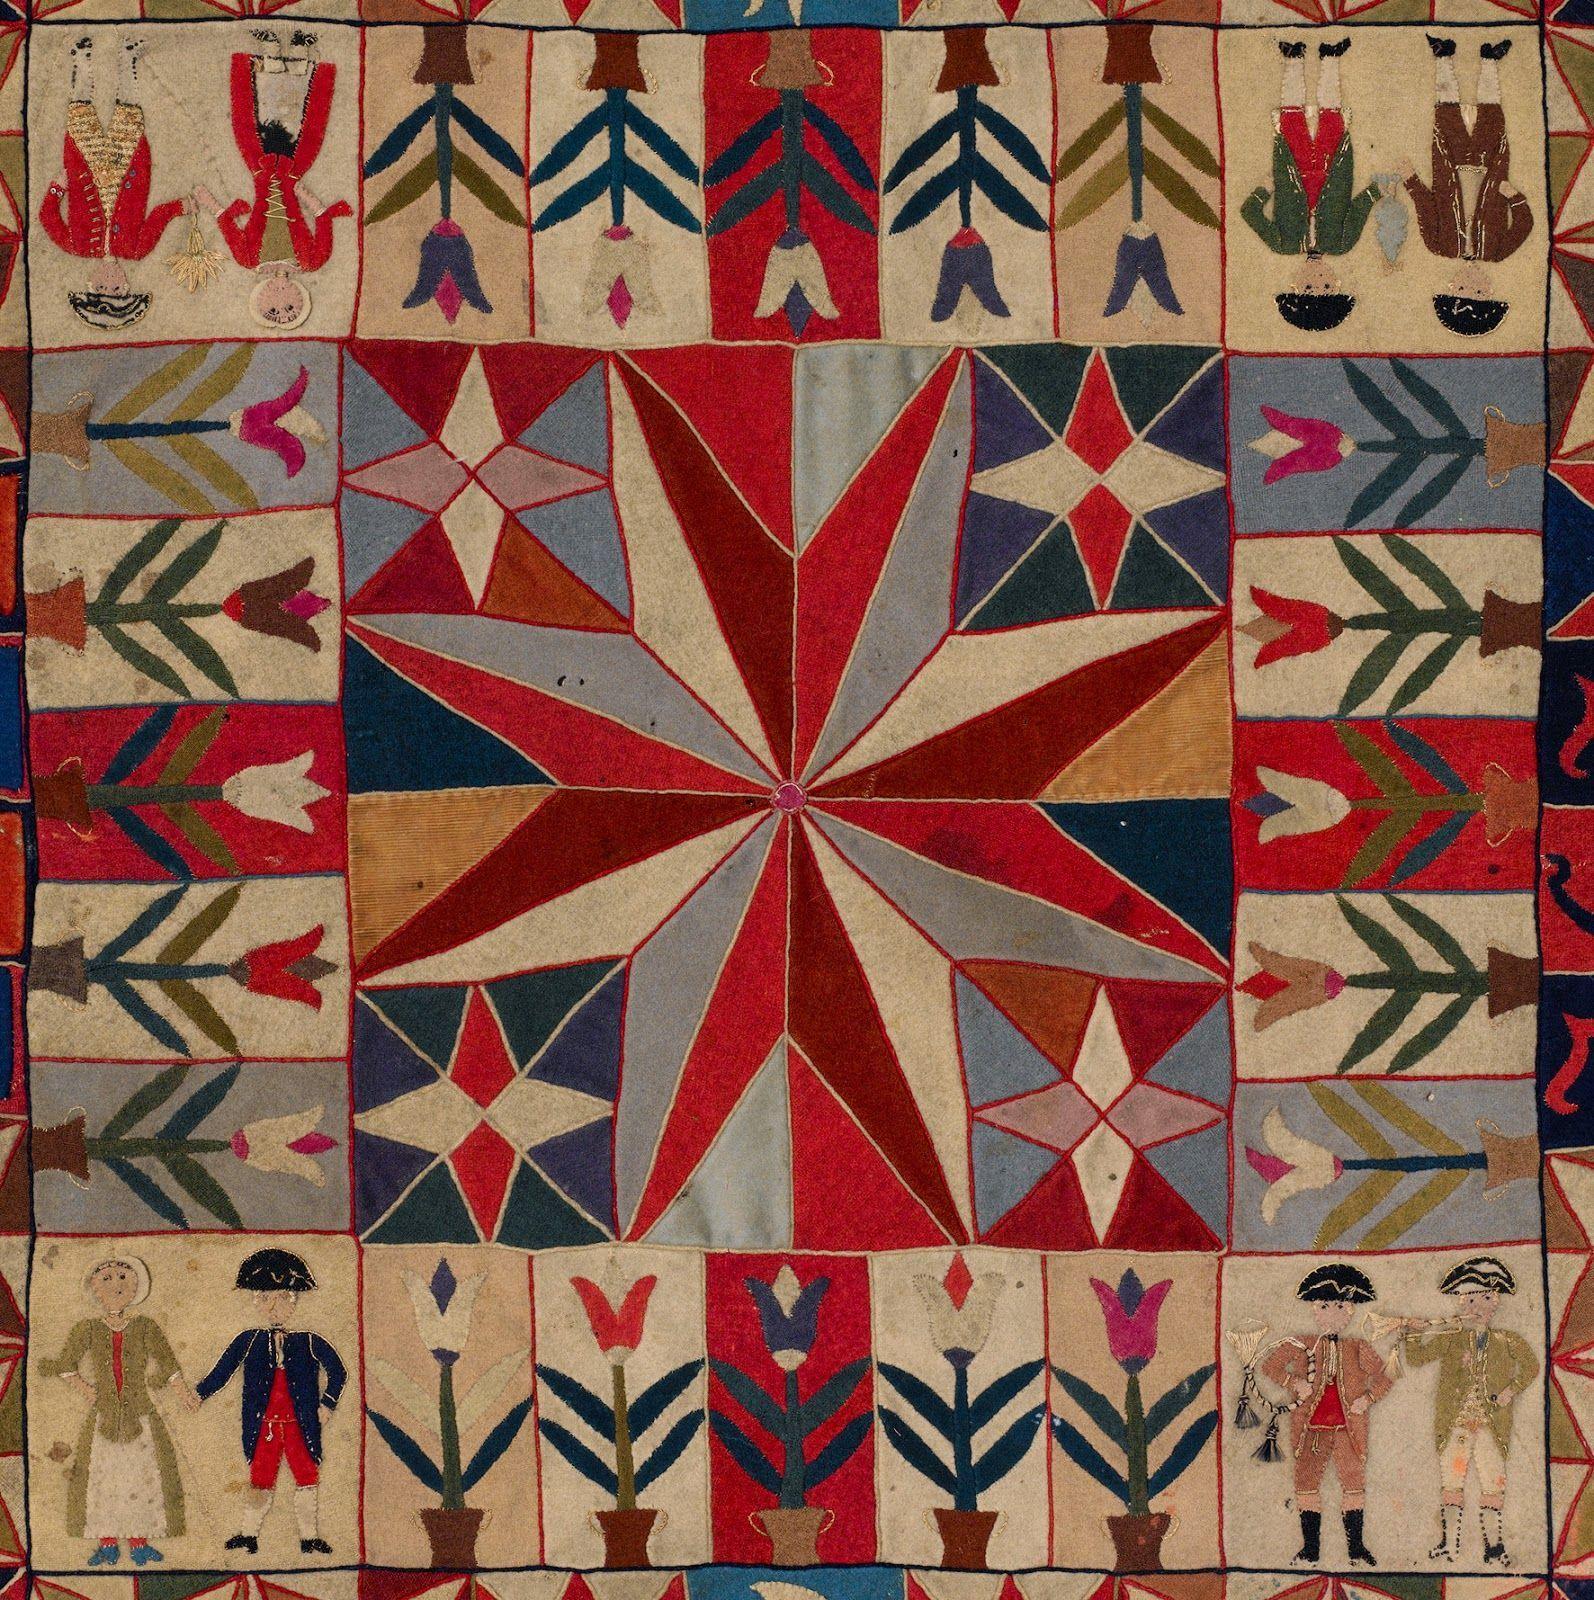 Quilt Study Groups: War Quilts Exhibition at Manly 3 July to 22 November 2015 - Quilt australien comprenant tant de similitudes avec le coverlet anglais de 1718 !